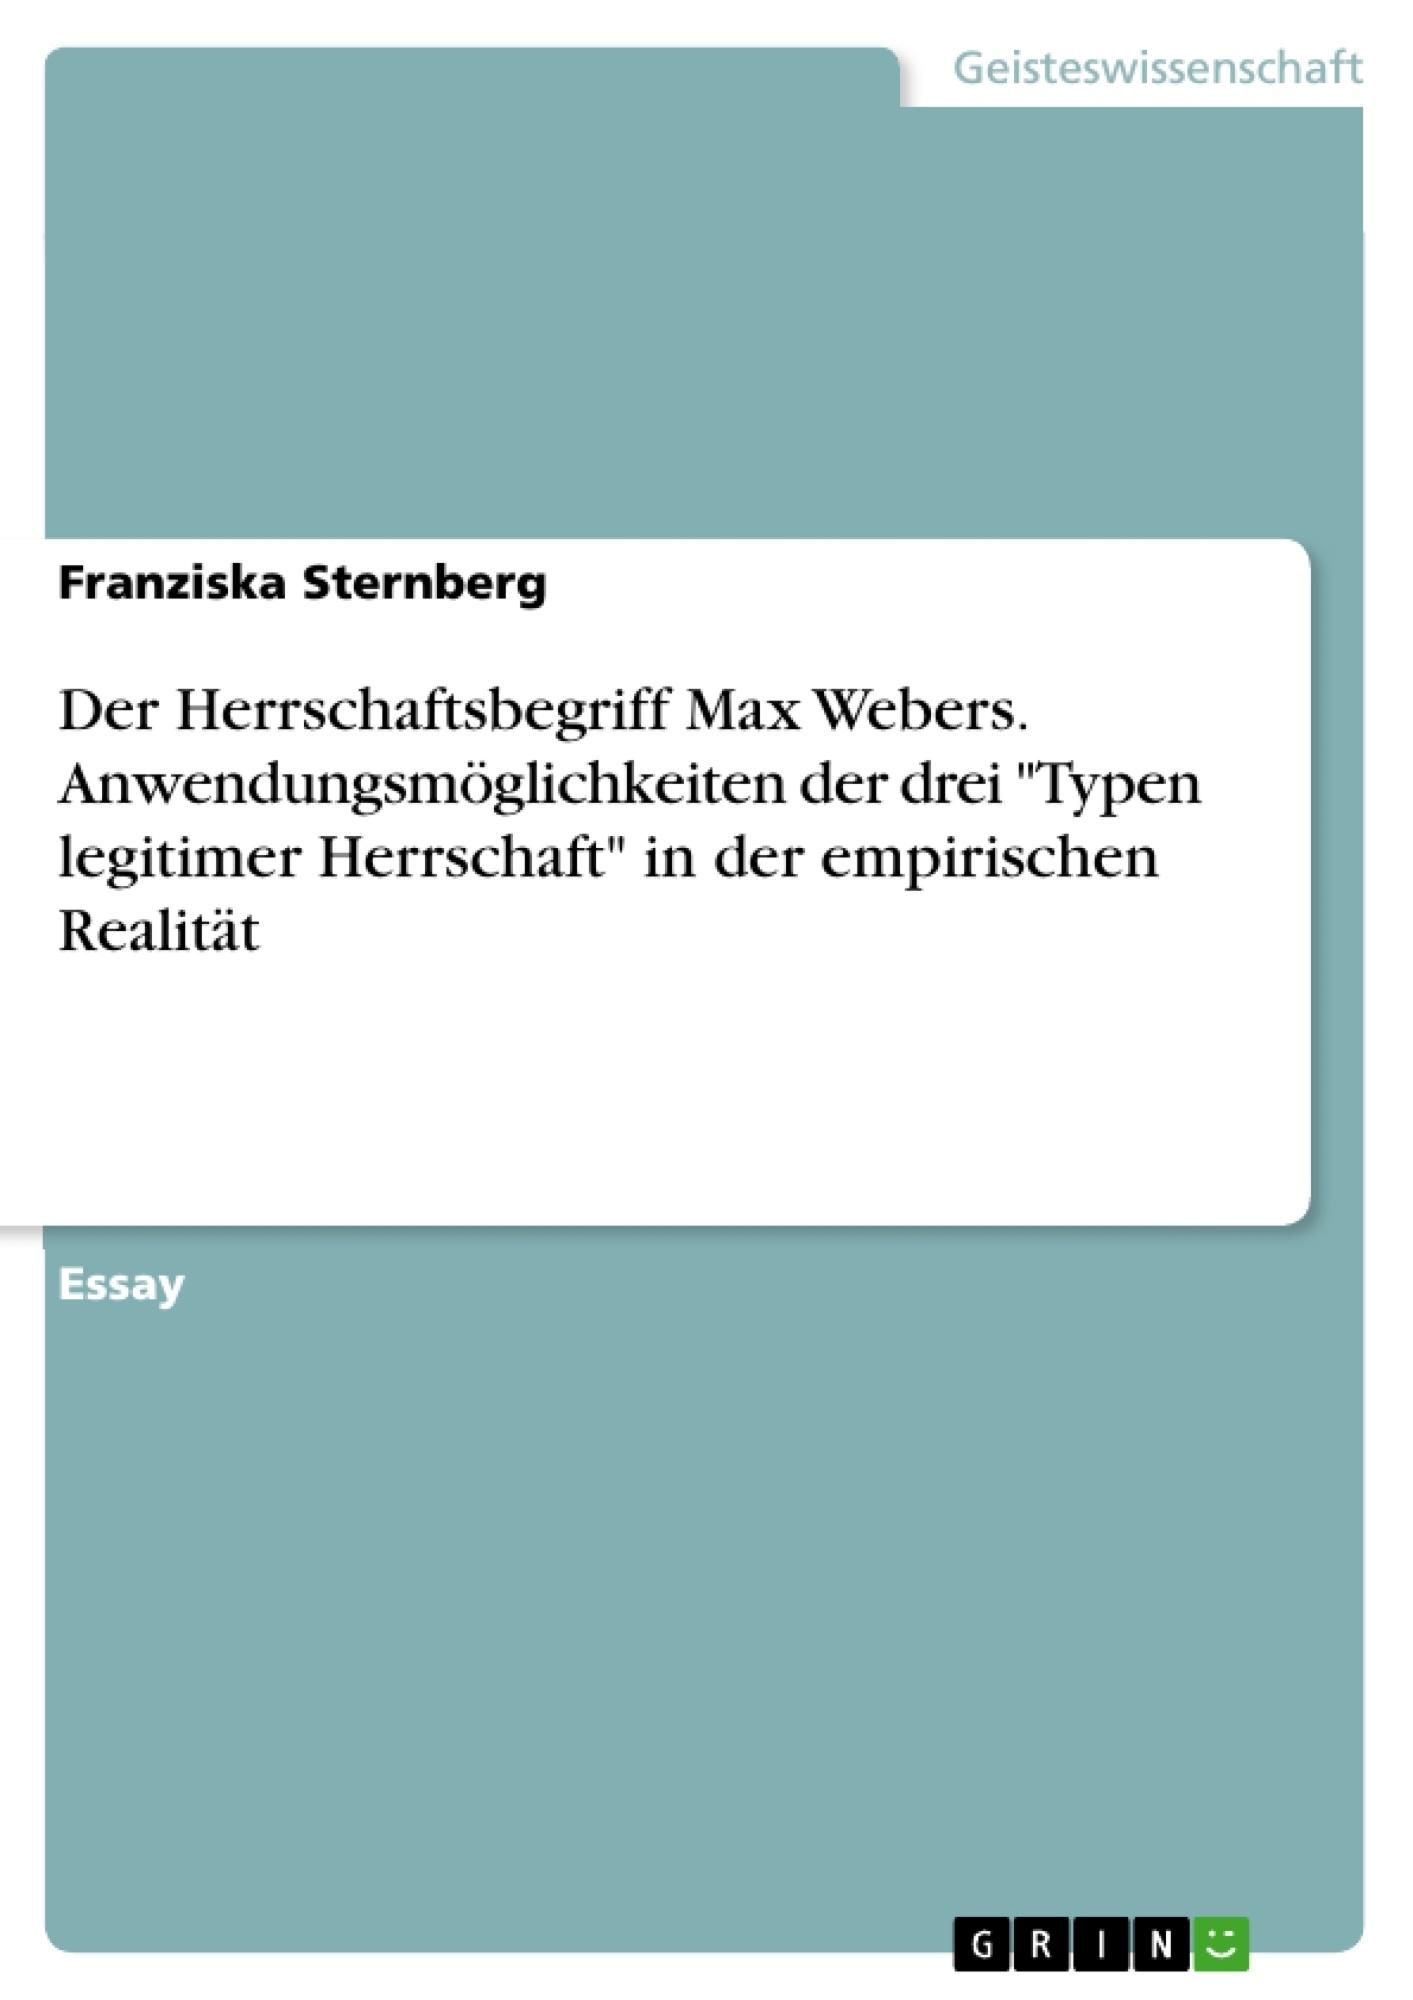 """Titel: Der Herrschaftsbegriff Max Webers. Anwendungsmöglichkeiten der drei """"Typen legitimer Herrschaft"""" in der empirischen Realität"""